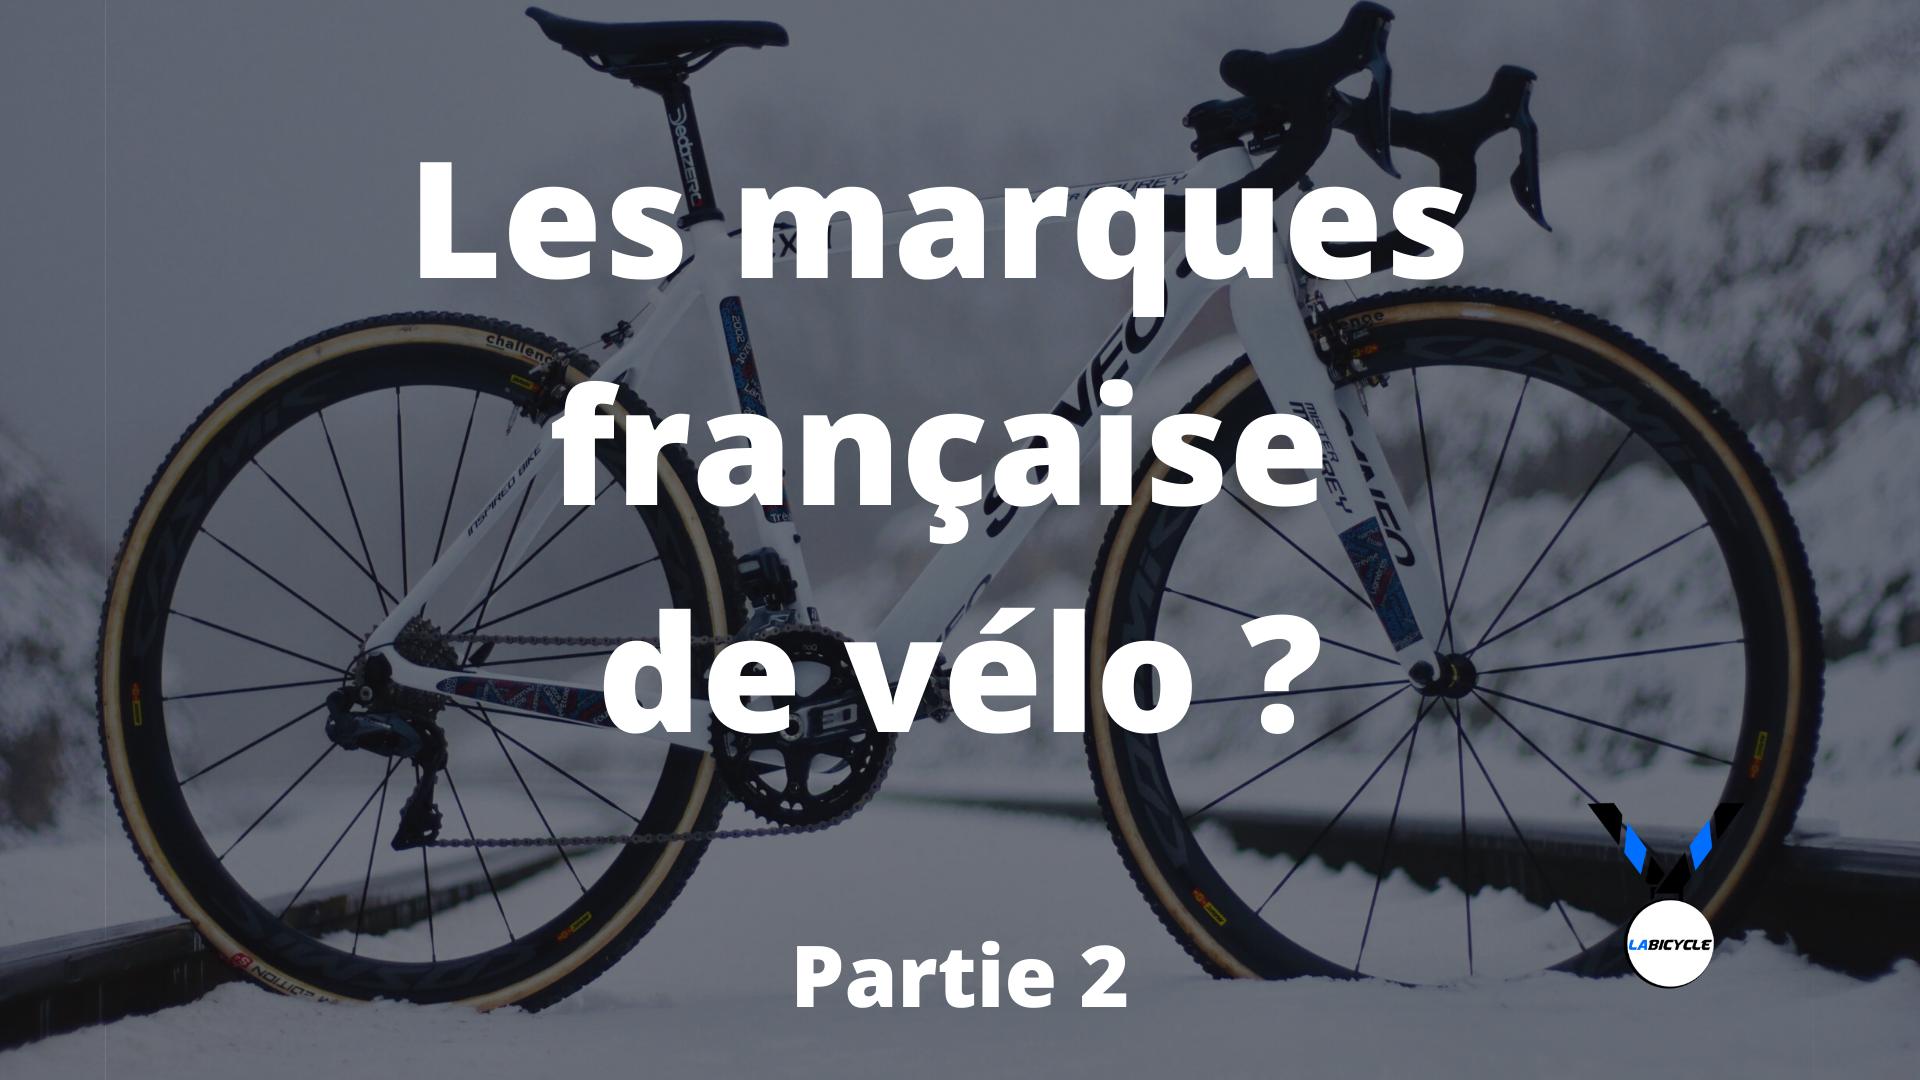 Les marques française de vélo